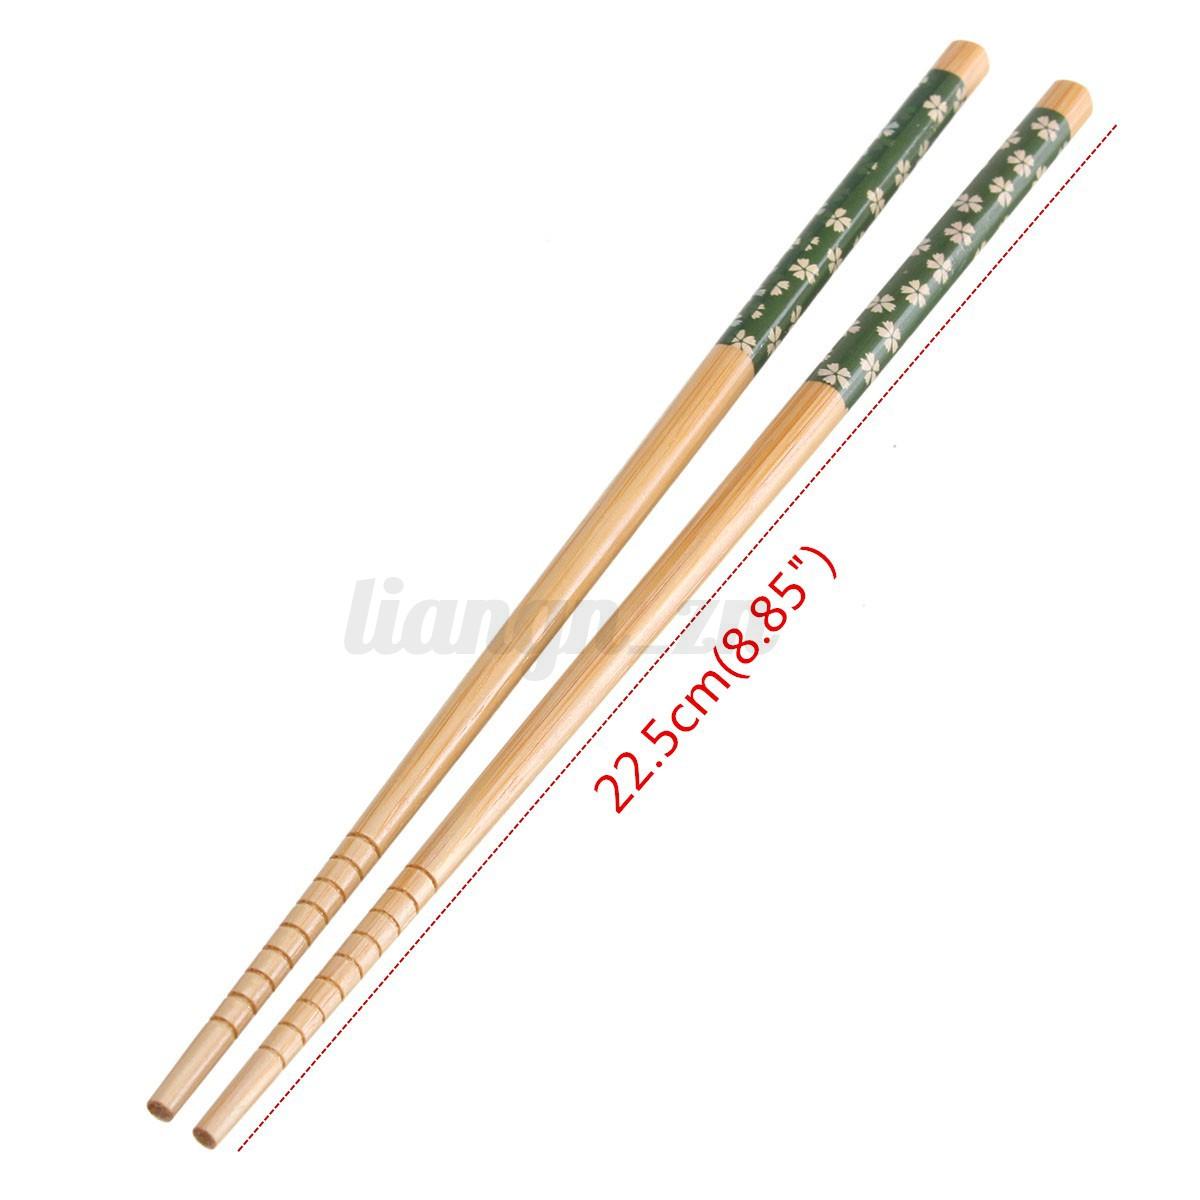 5 pairs baguettes chinoise japonaise bambou fleur cadeau ustensile cuisine art ebay. Black Bedroom Furniture Sets. Home Design Ideas